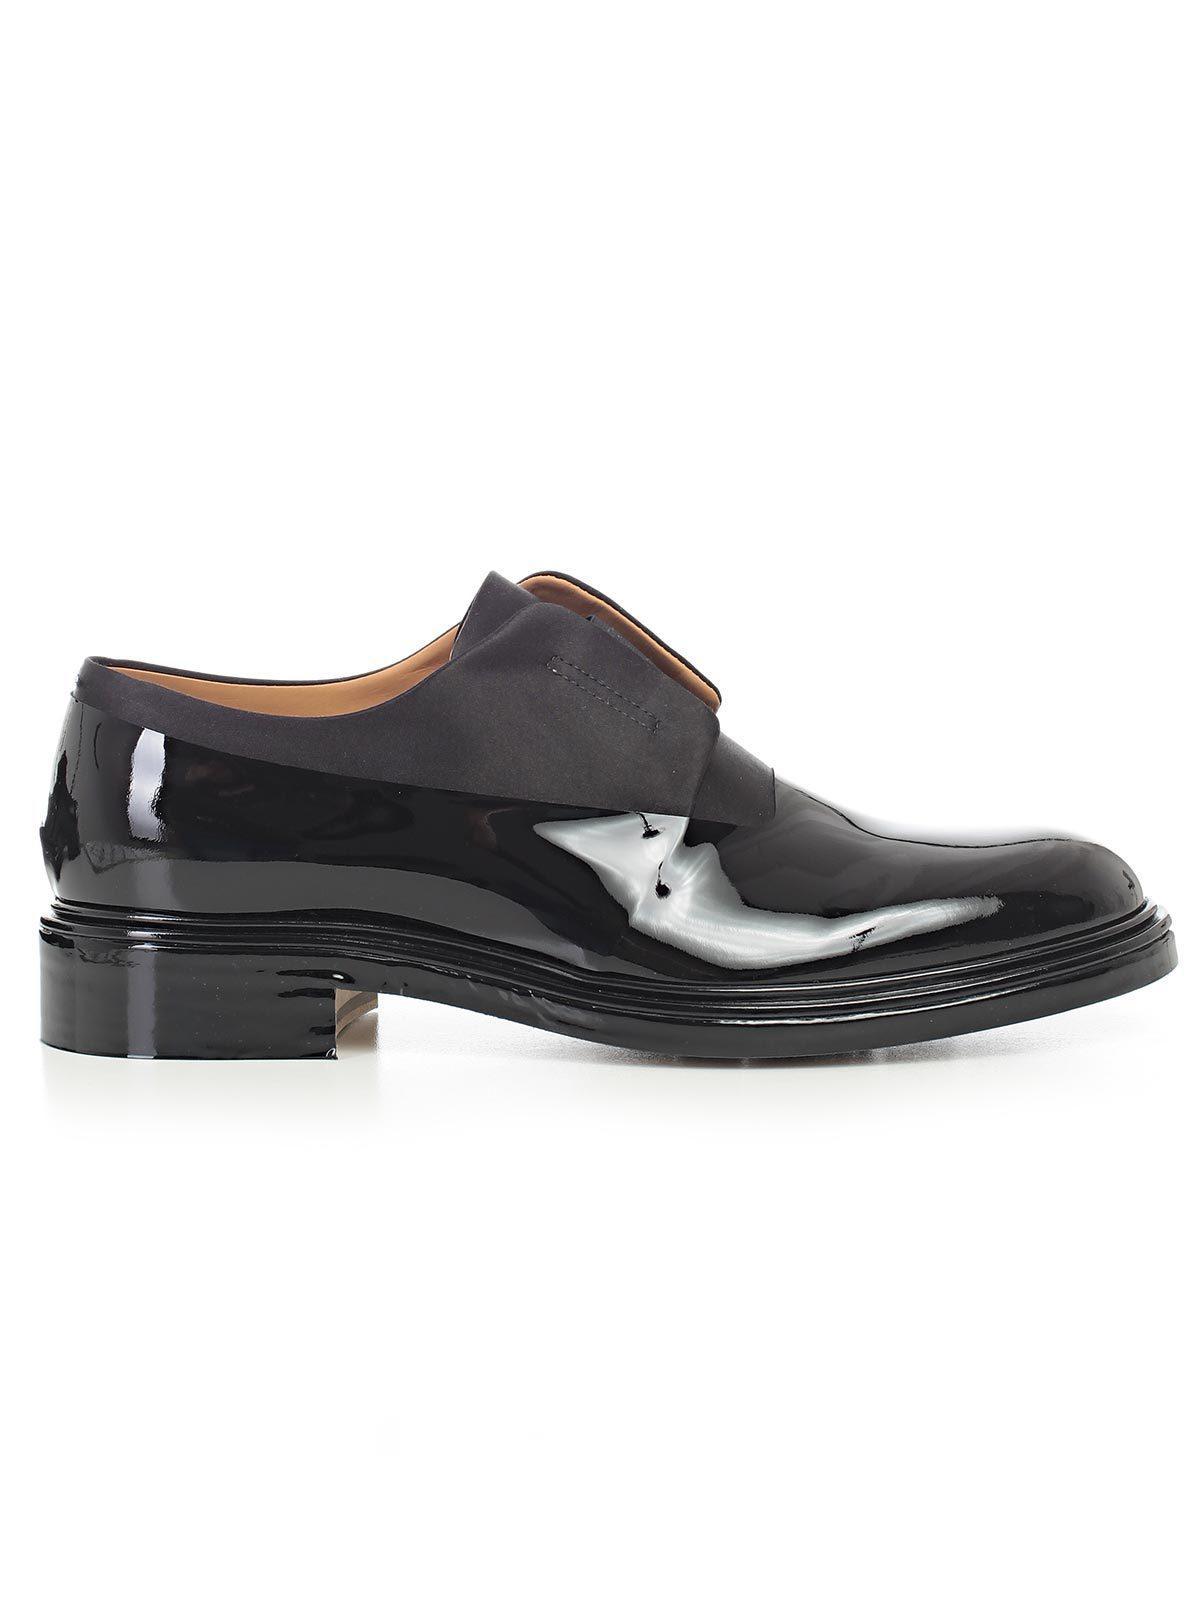 Maison Margiela Black Patent Palacio Loafers IcKSEez